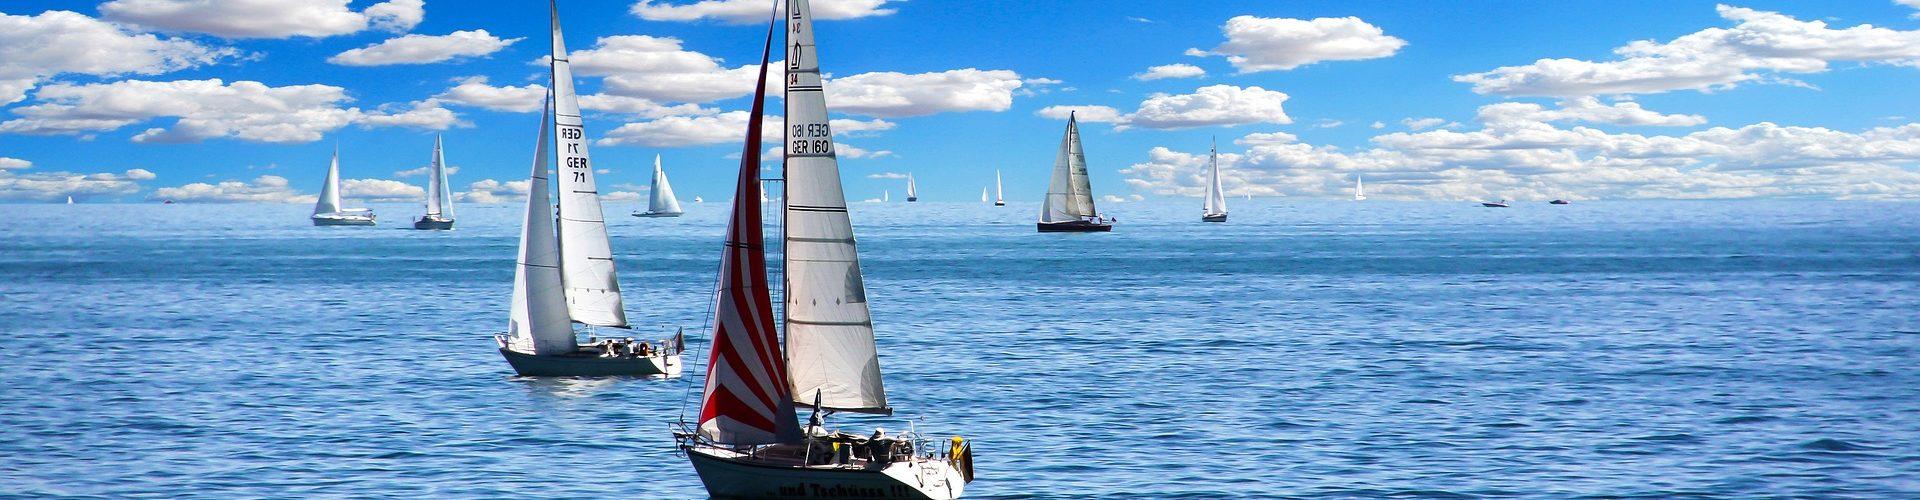 segeln lernen in Erftstadt segelschein machen in Erftstadt 1920x500 - Segeln lernen in Erftstadt